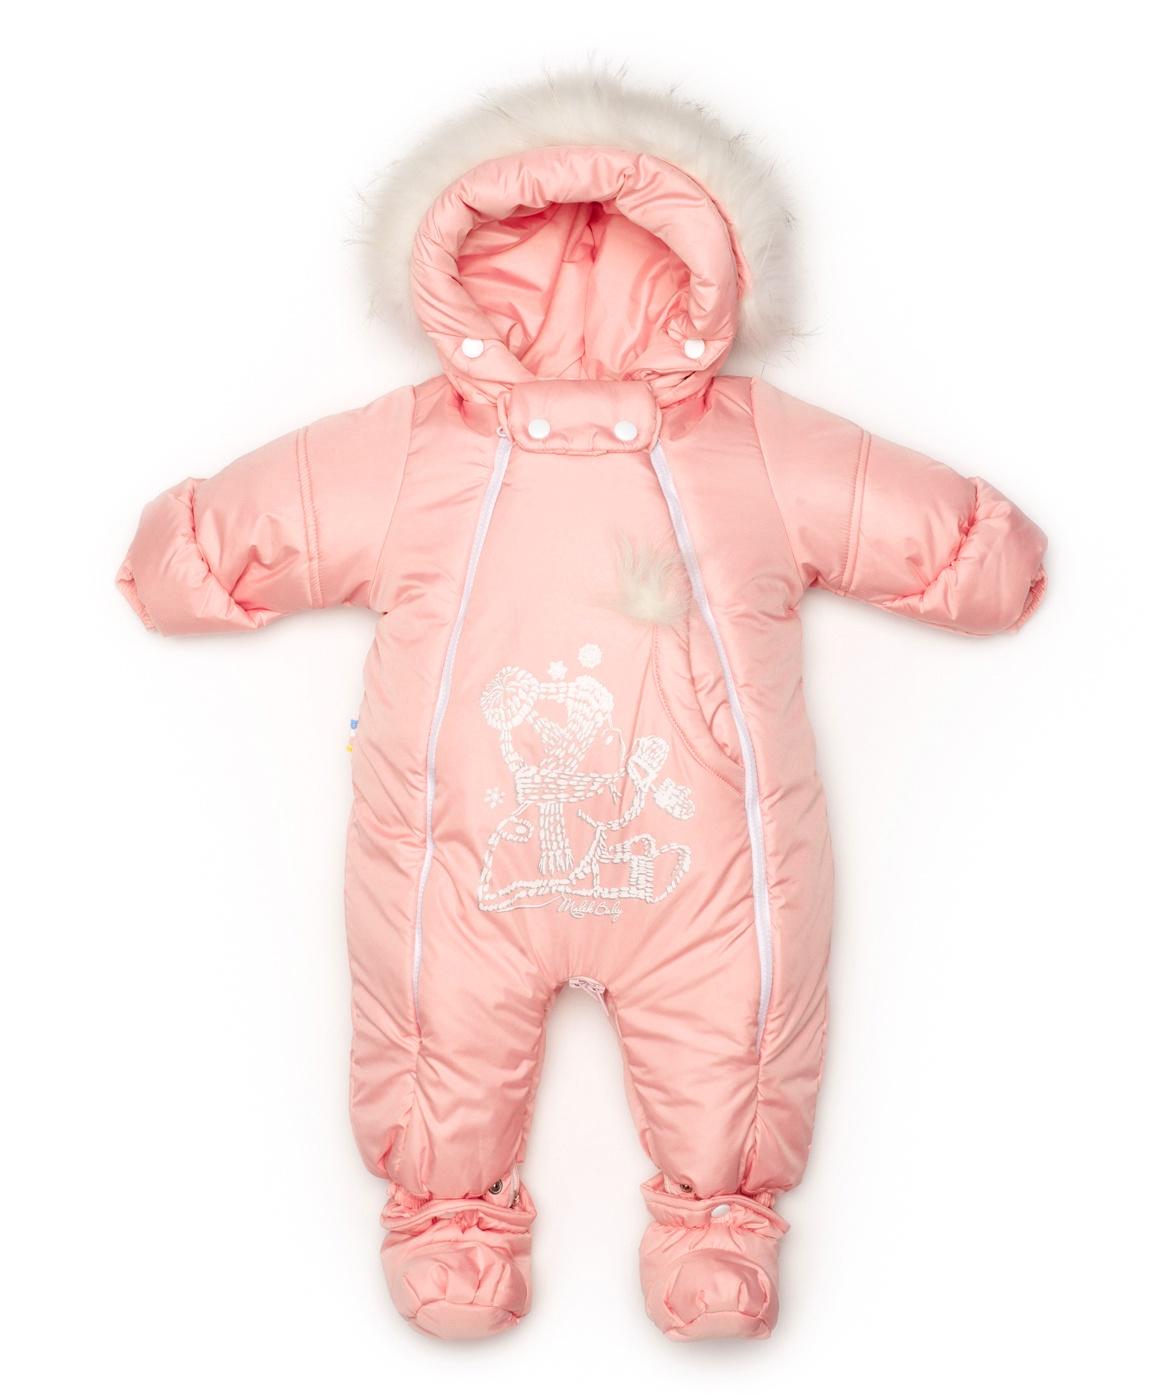 Комбинезон Malek-Baby 163шм/2 Лососсевый 74, розовый 74 размер163шм/2 Лососсевый 74В этом стильном функциональном трансформере ваш малыш никогда не замерзнет и будет прекрасно себя чувствовать. Главная особенность данной модели - это трансформация из комбинезона в конверт при помощи молнии между ножек и крепких кнопок, на которые крепятся пинетки. Если соединить молнии и кнопки в другом положении, то комбинезон превратится в конверт с непродуваемым дном. В зависимости от возраста вашего малыша, погодных условий и ваших предпочтений, вы можете использовать изделие как конверт либо как комбинезон. Он идеально подходит для морозной русской зимы. Оптимальный температурный режим для носки - от +5°С до -25°С. Мы утеплили его отстегивающейся подкладкой из овечьей шерсти. При необходимости вы можете постирать комбинезон отдельно от подкладки и наоборот. А когда потеплеет, вы можете снять ее совсем, и комбинезон подойдет для весенней погоды. На рукавах у трансформера вы можете заметить отвороты, которые помогут держать в тепле маленькие ручки ребенка. Плотно прилегающий к голове капюшон защитит от сильного ветра за счет вшитой утягивающей резинки. Мы спроектировали капюшон таким образом, чтобы он не мешал ему разглядывать мир вокруг себя. В комлект идут отстегивающиеся пинетки, которые не будут выделяться из общего стиля и будут греть ножки, т.к. они также утеплены овечьей шерстью. С помощью удлиненной молнии вдоль всего трансформера вы сможете легко одеть и раздеть ребенка. Мы старались сделать этот трансформер максимально функциональным и красивым для вашего ребен...